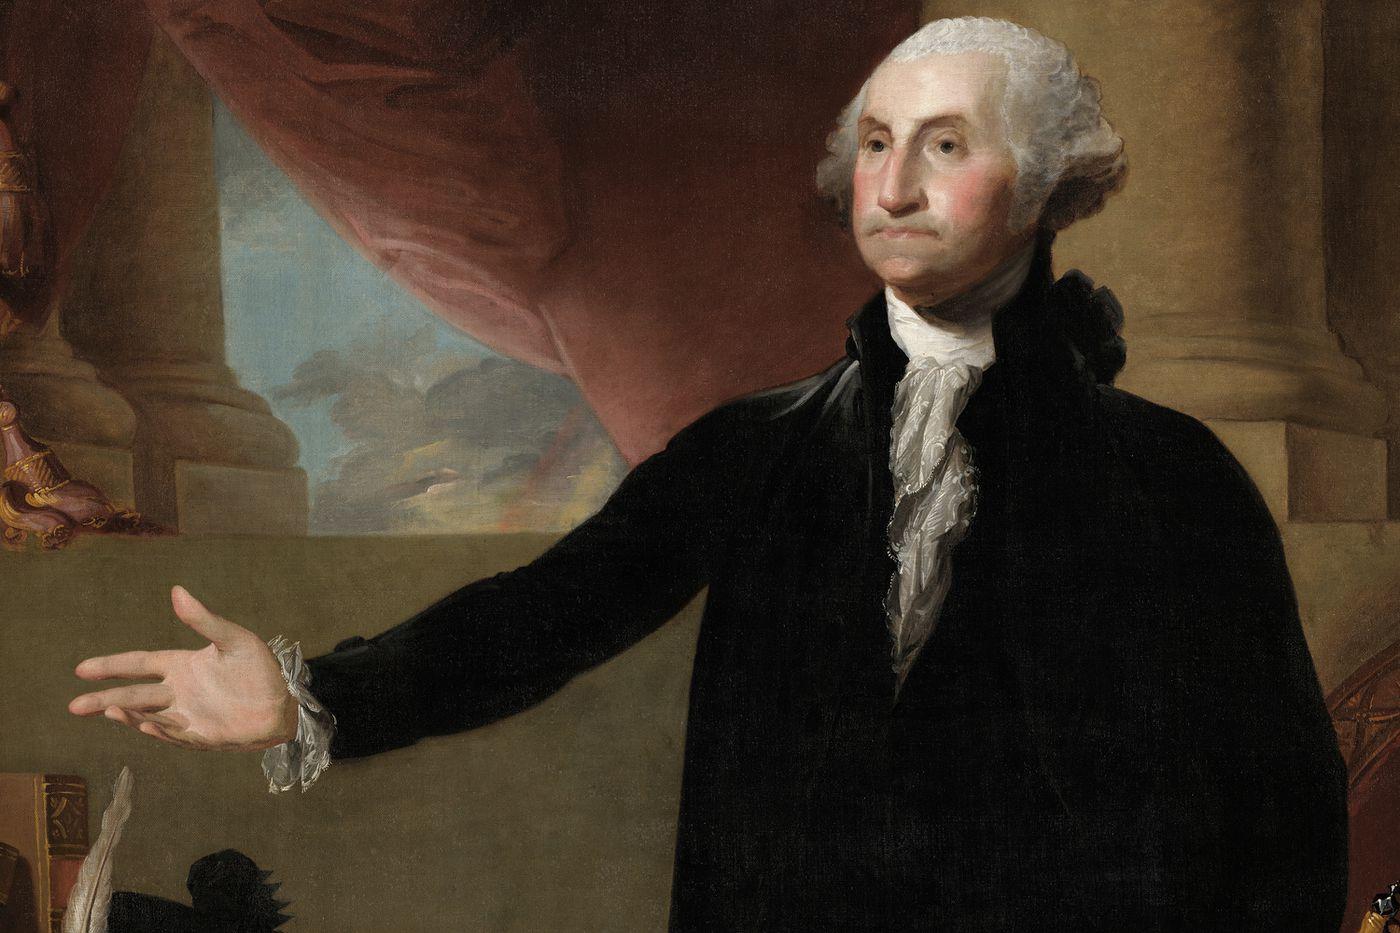 Khi gỡ lỗi Illuminati, George Washington đã vô tình quảng bá nó. Hình ảnh nghệ thuật / Getty